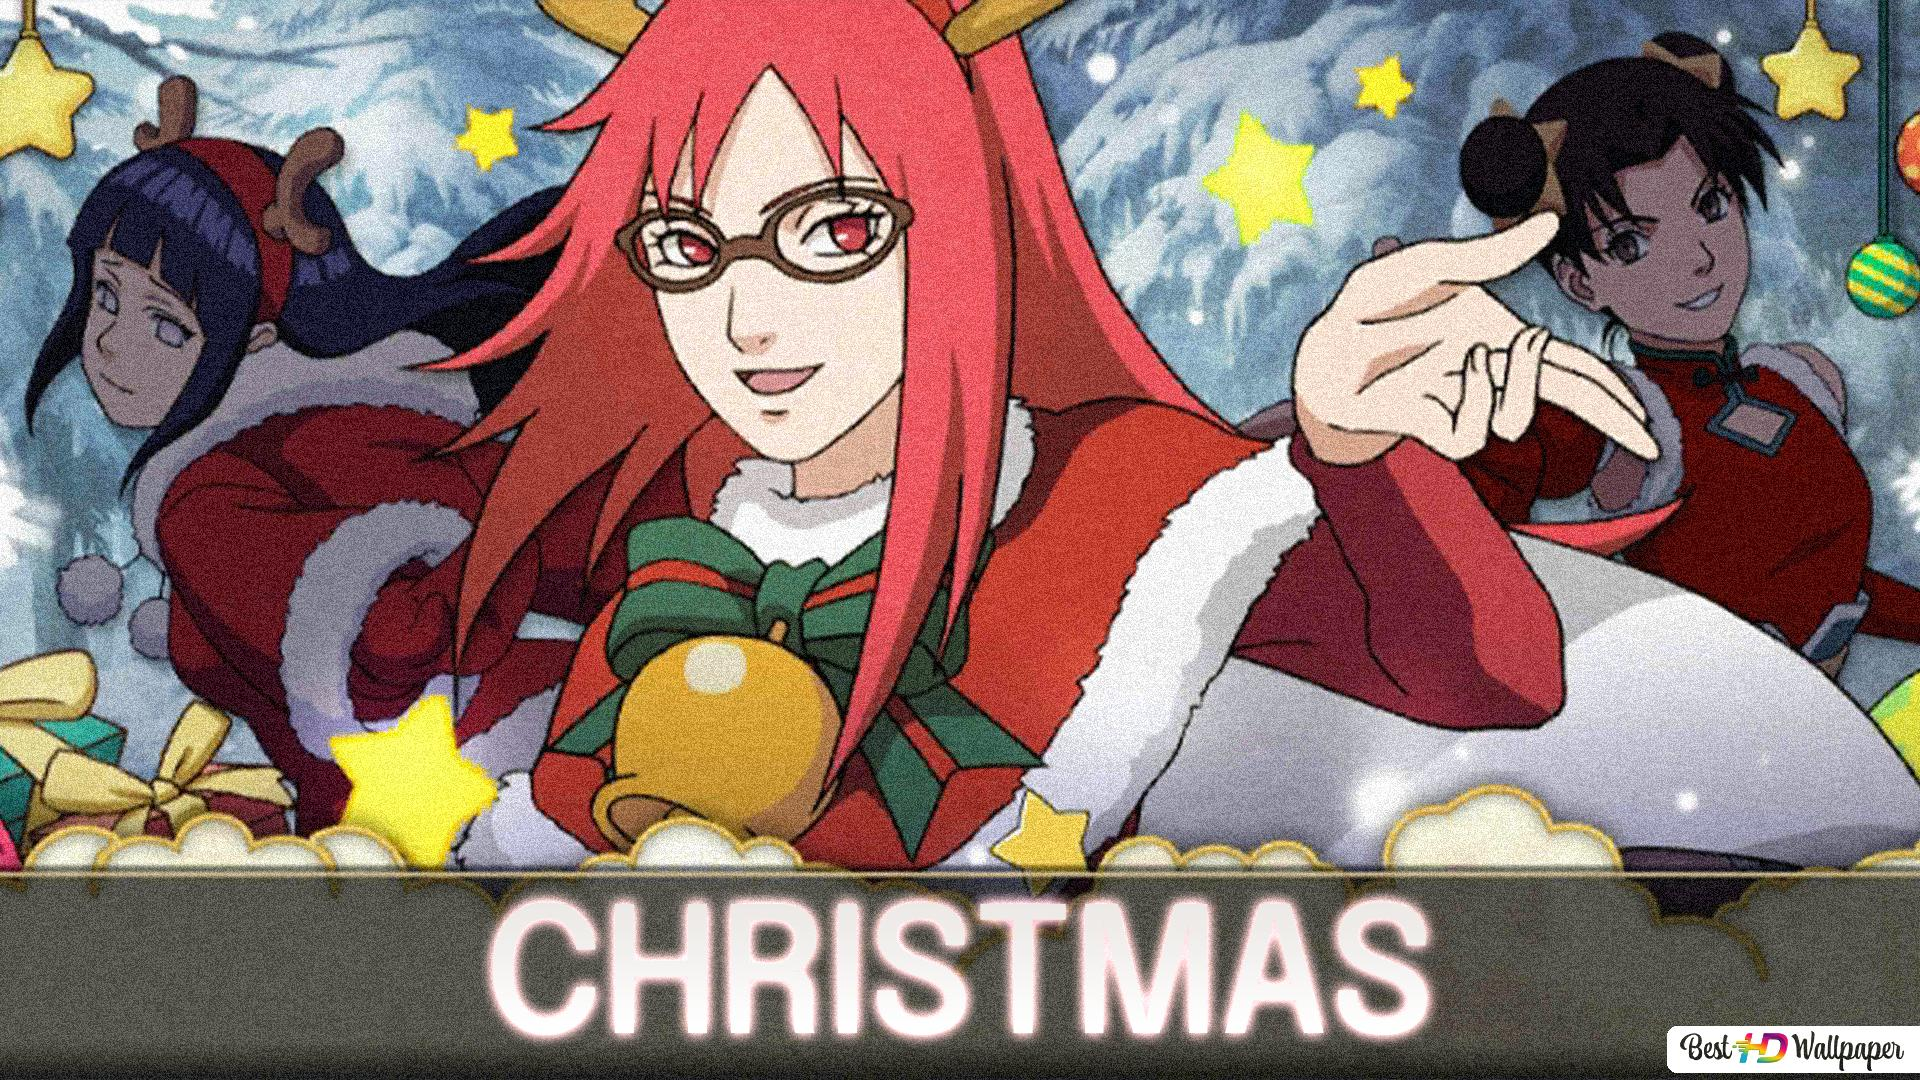 Karin Hinata and Tenten (Christmas) HD wallpaper download